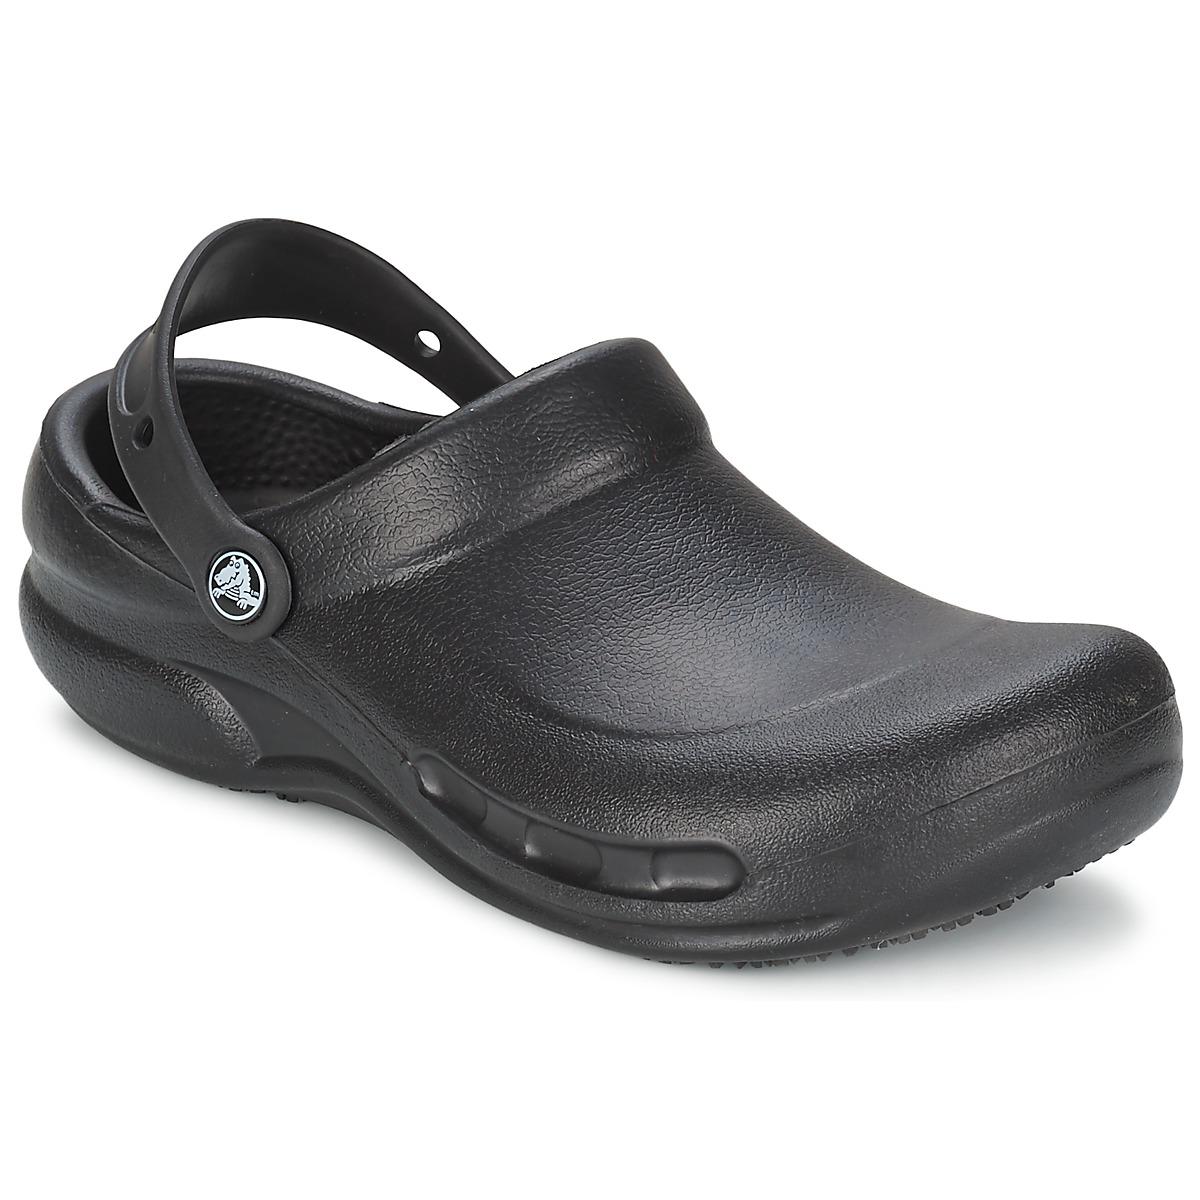 Crocs BISTRO Schwarz - Kostenloser Versand bei Spartoode ! - Schuhe Pantoletten / Clogs  36,00 €